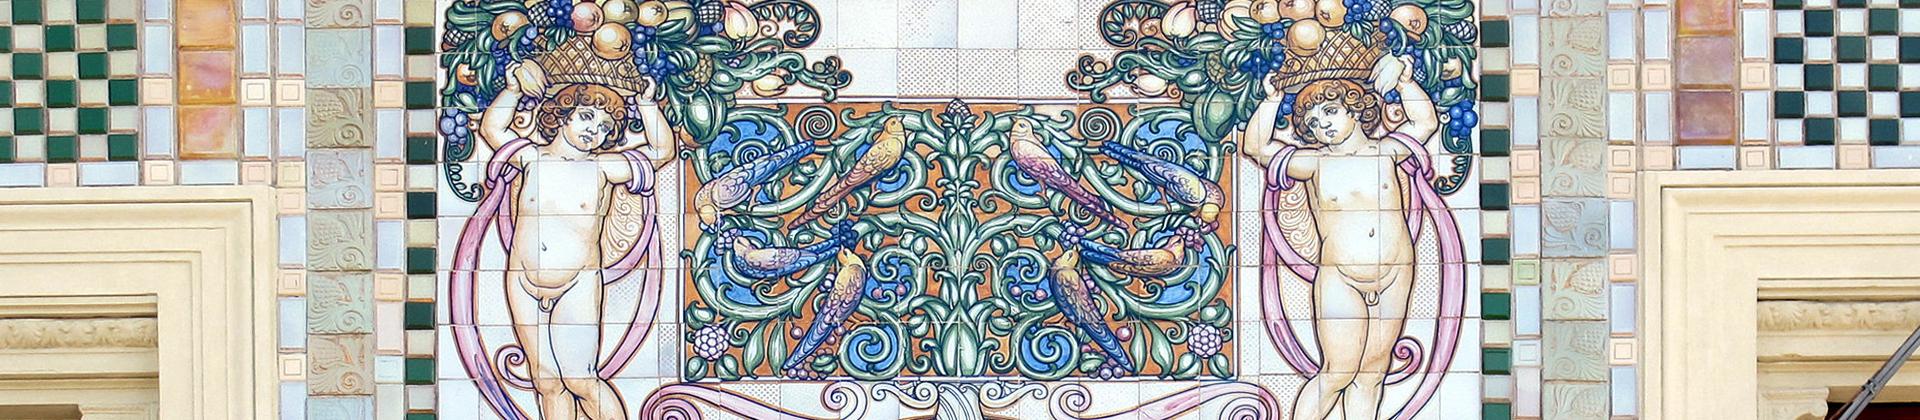 banner_decorazione_liberty_viareggio.jpg